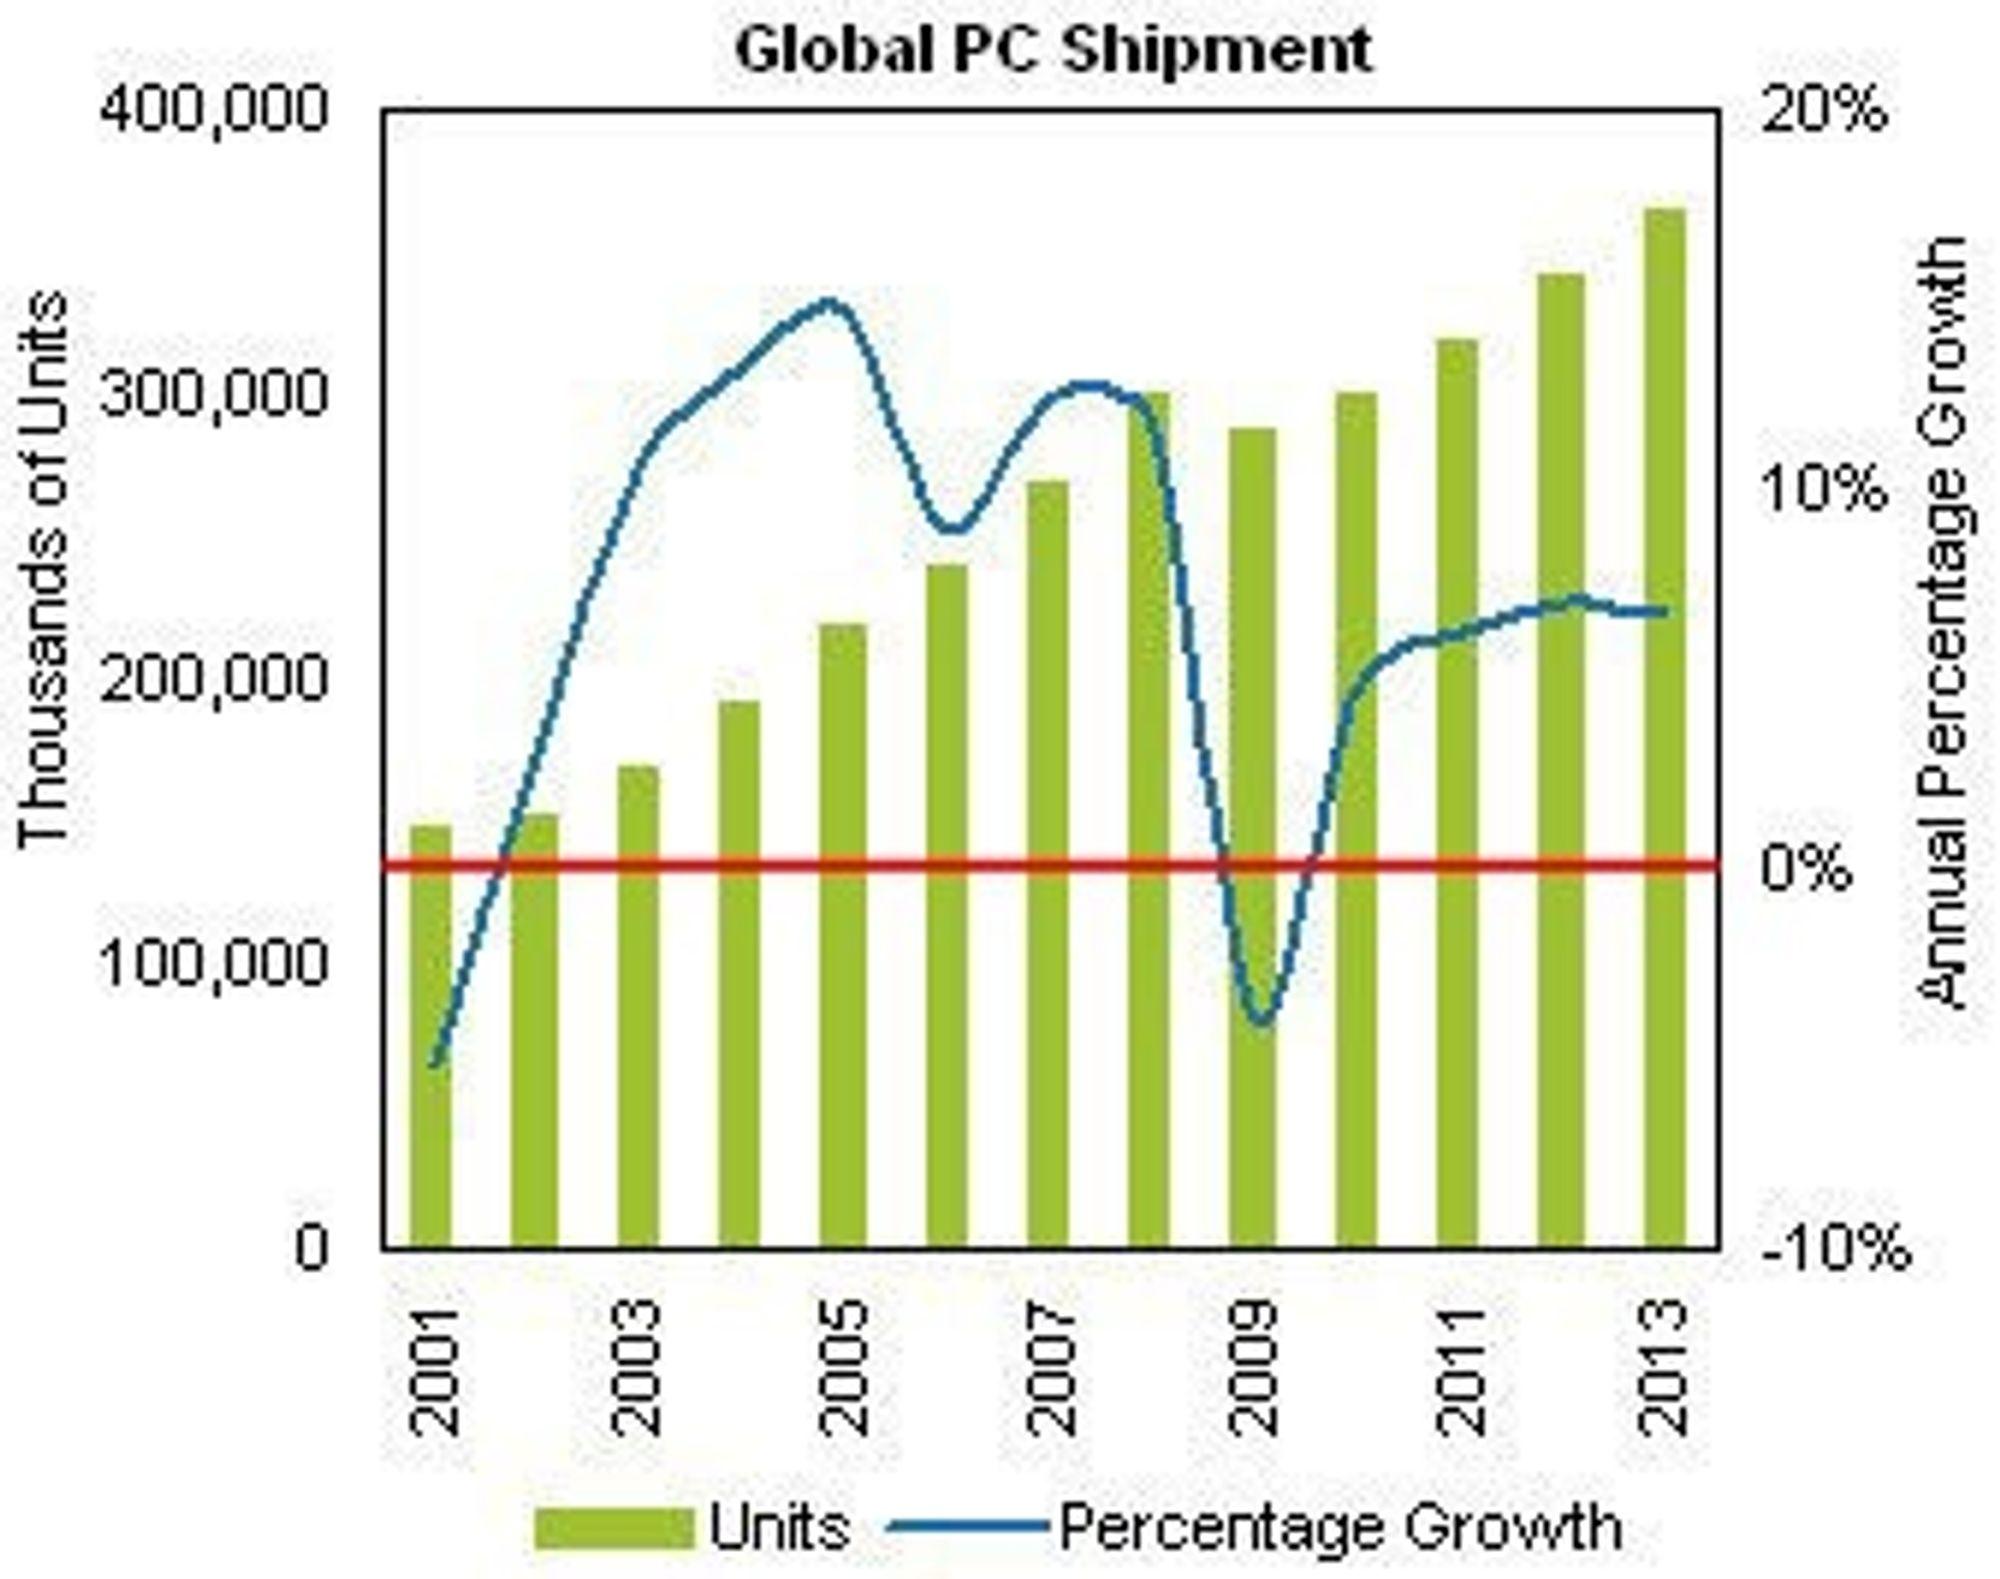 Det prosentvise fallet i pc-leveranser var større fra 2000 til 2001 enn den blir fra 2008 til 2009, tror iSuppli, som tirsdag publiserte denne prognosen for det globale pc-markedet fram til 2013.